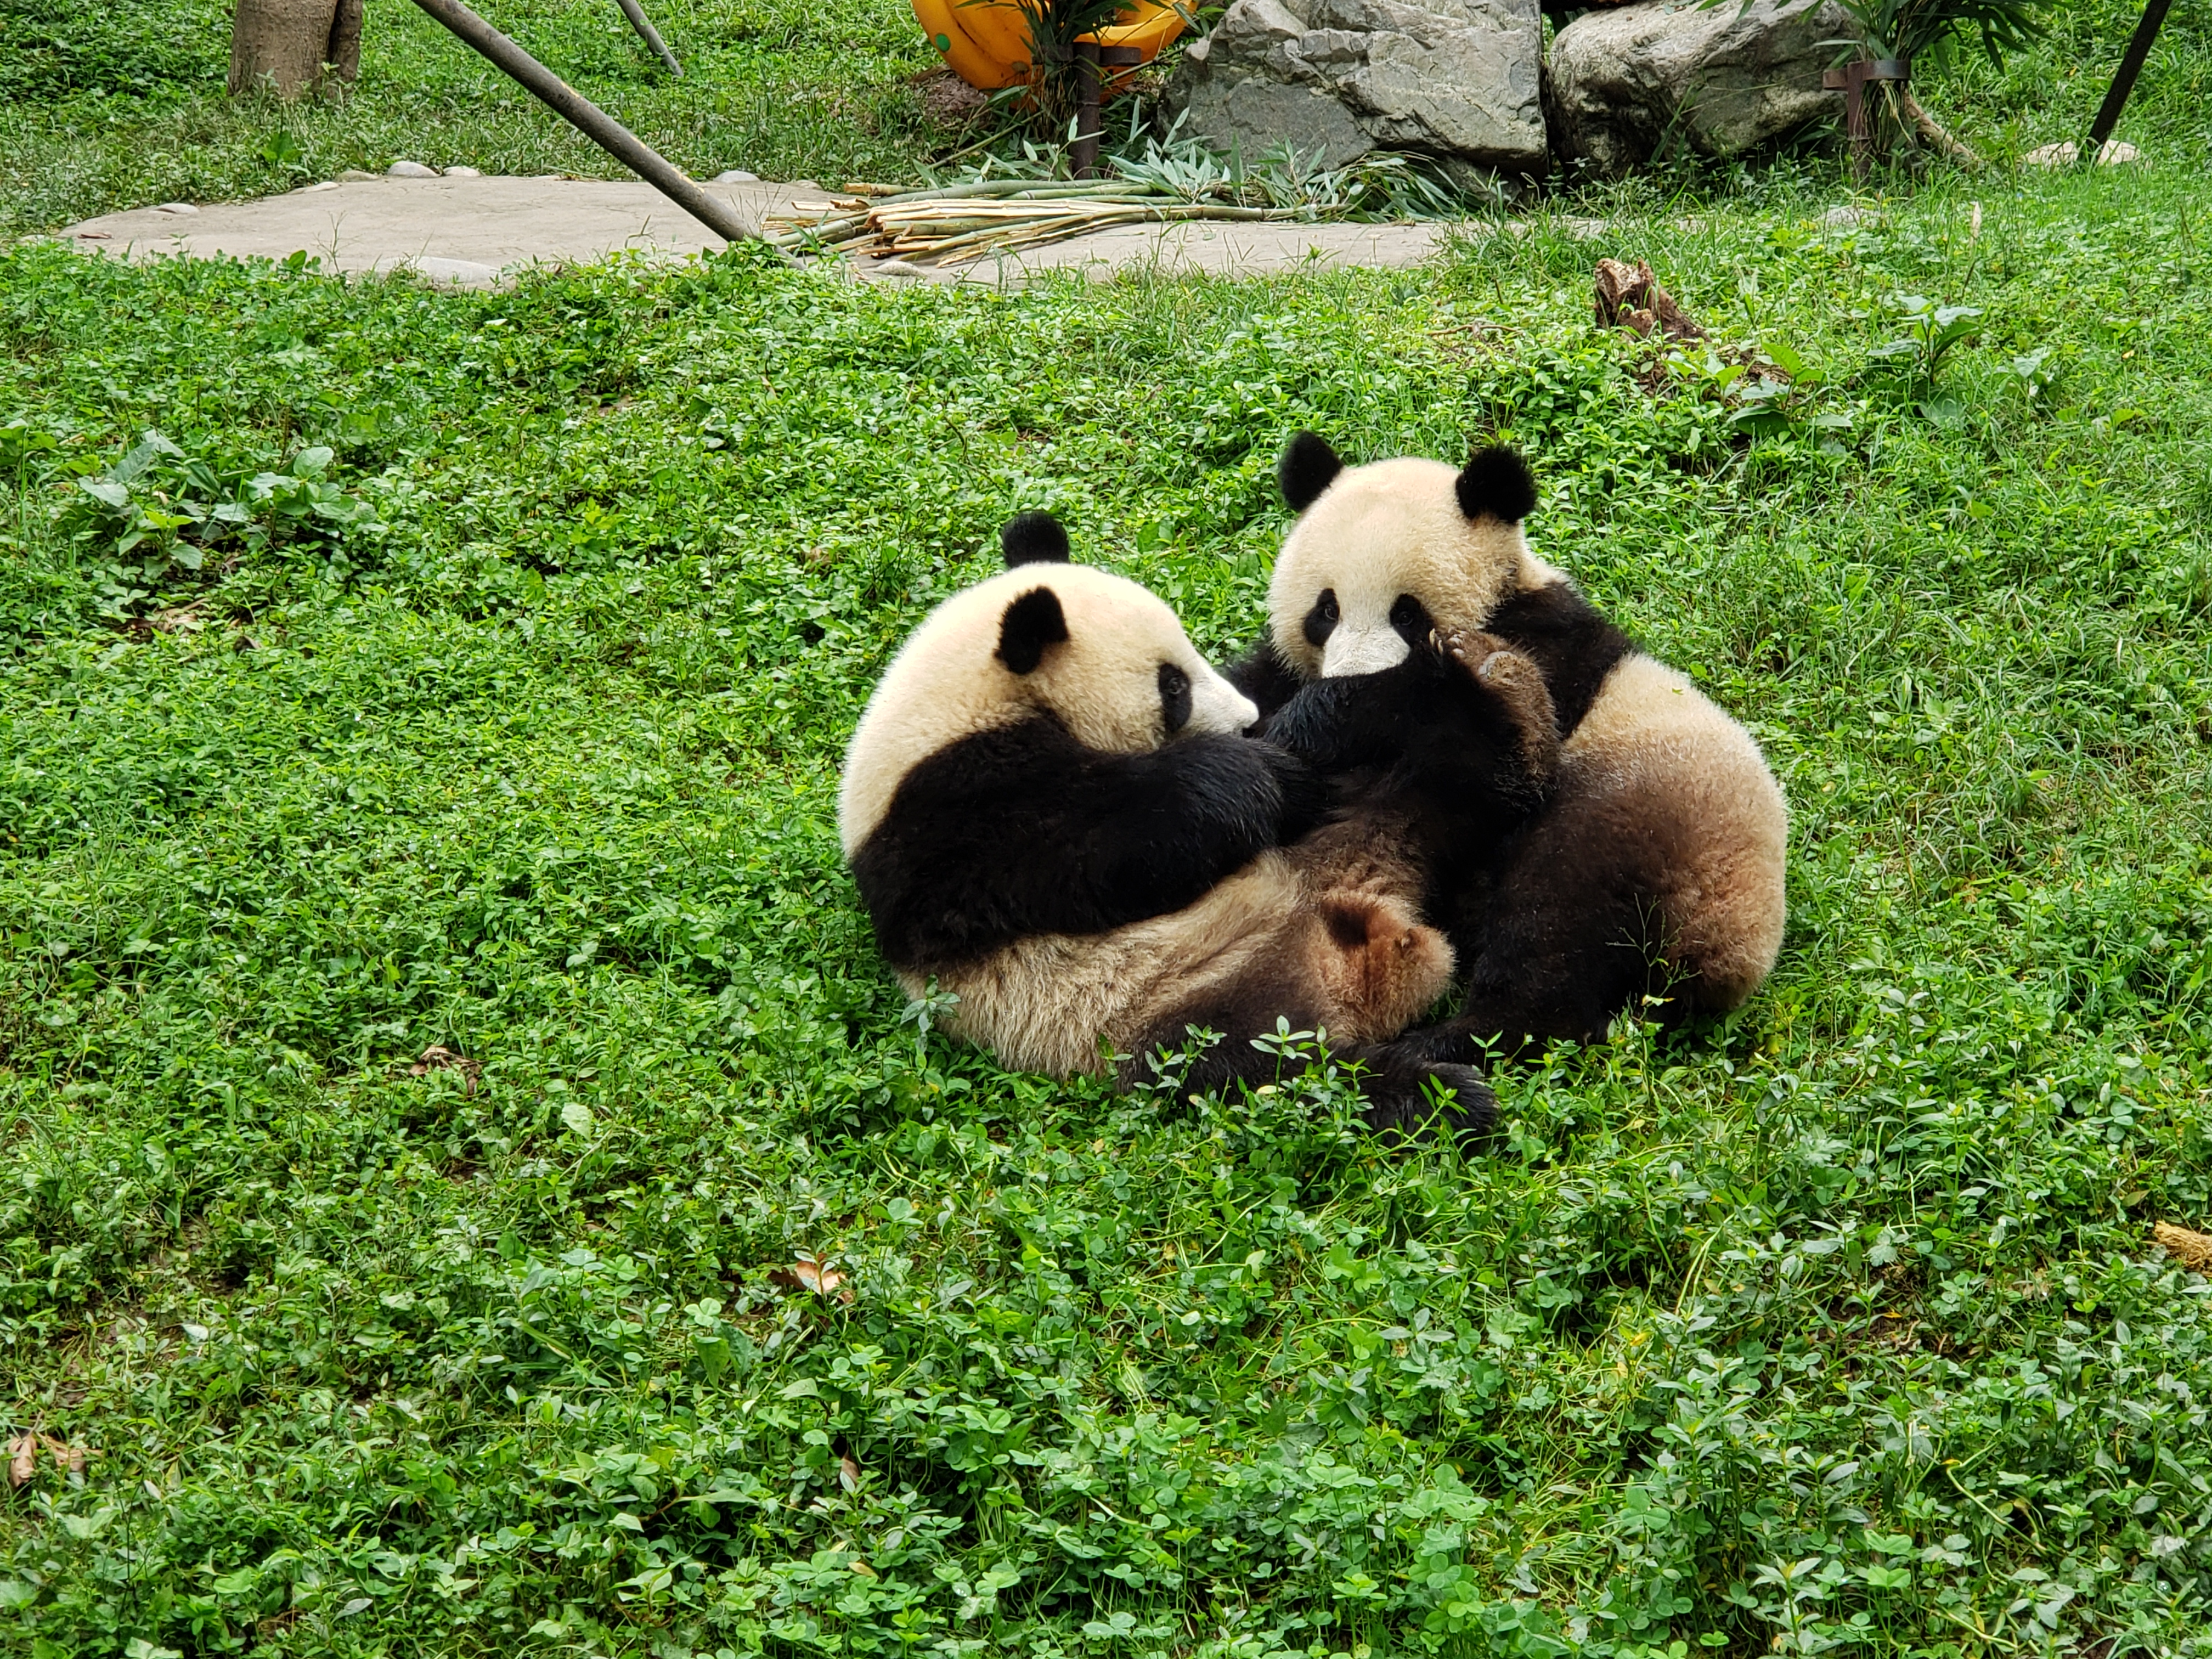 panda play 2